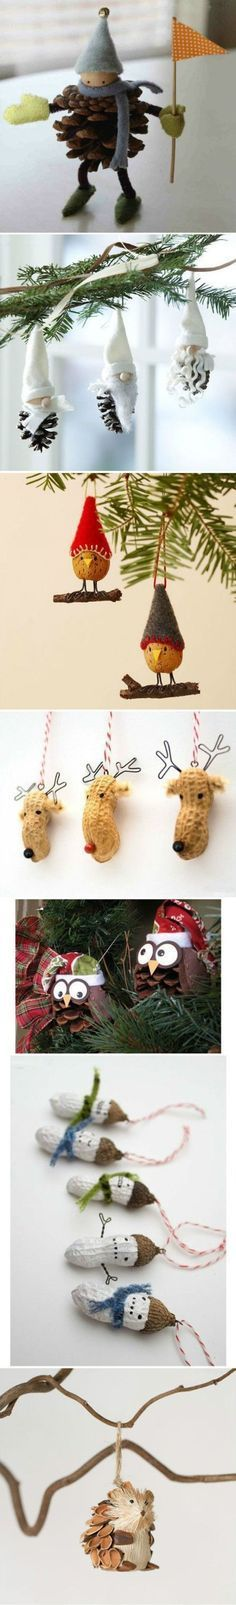 23 de bricolaje Ideas de decoración de Navidad lindas super simple y loco